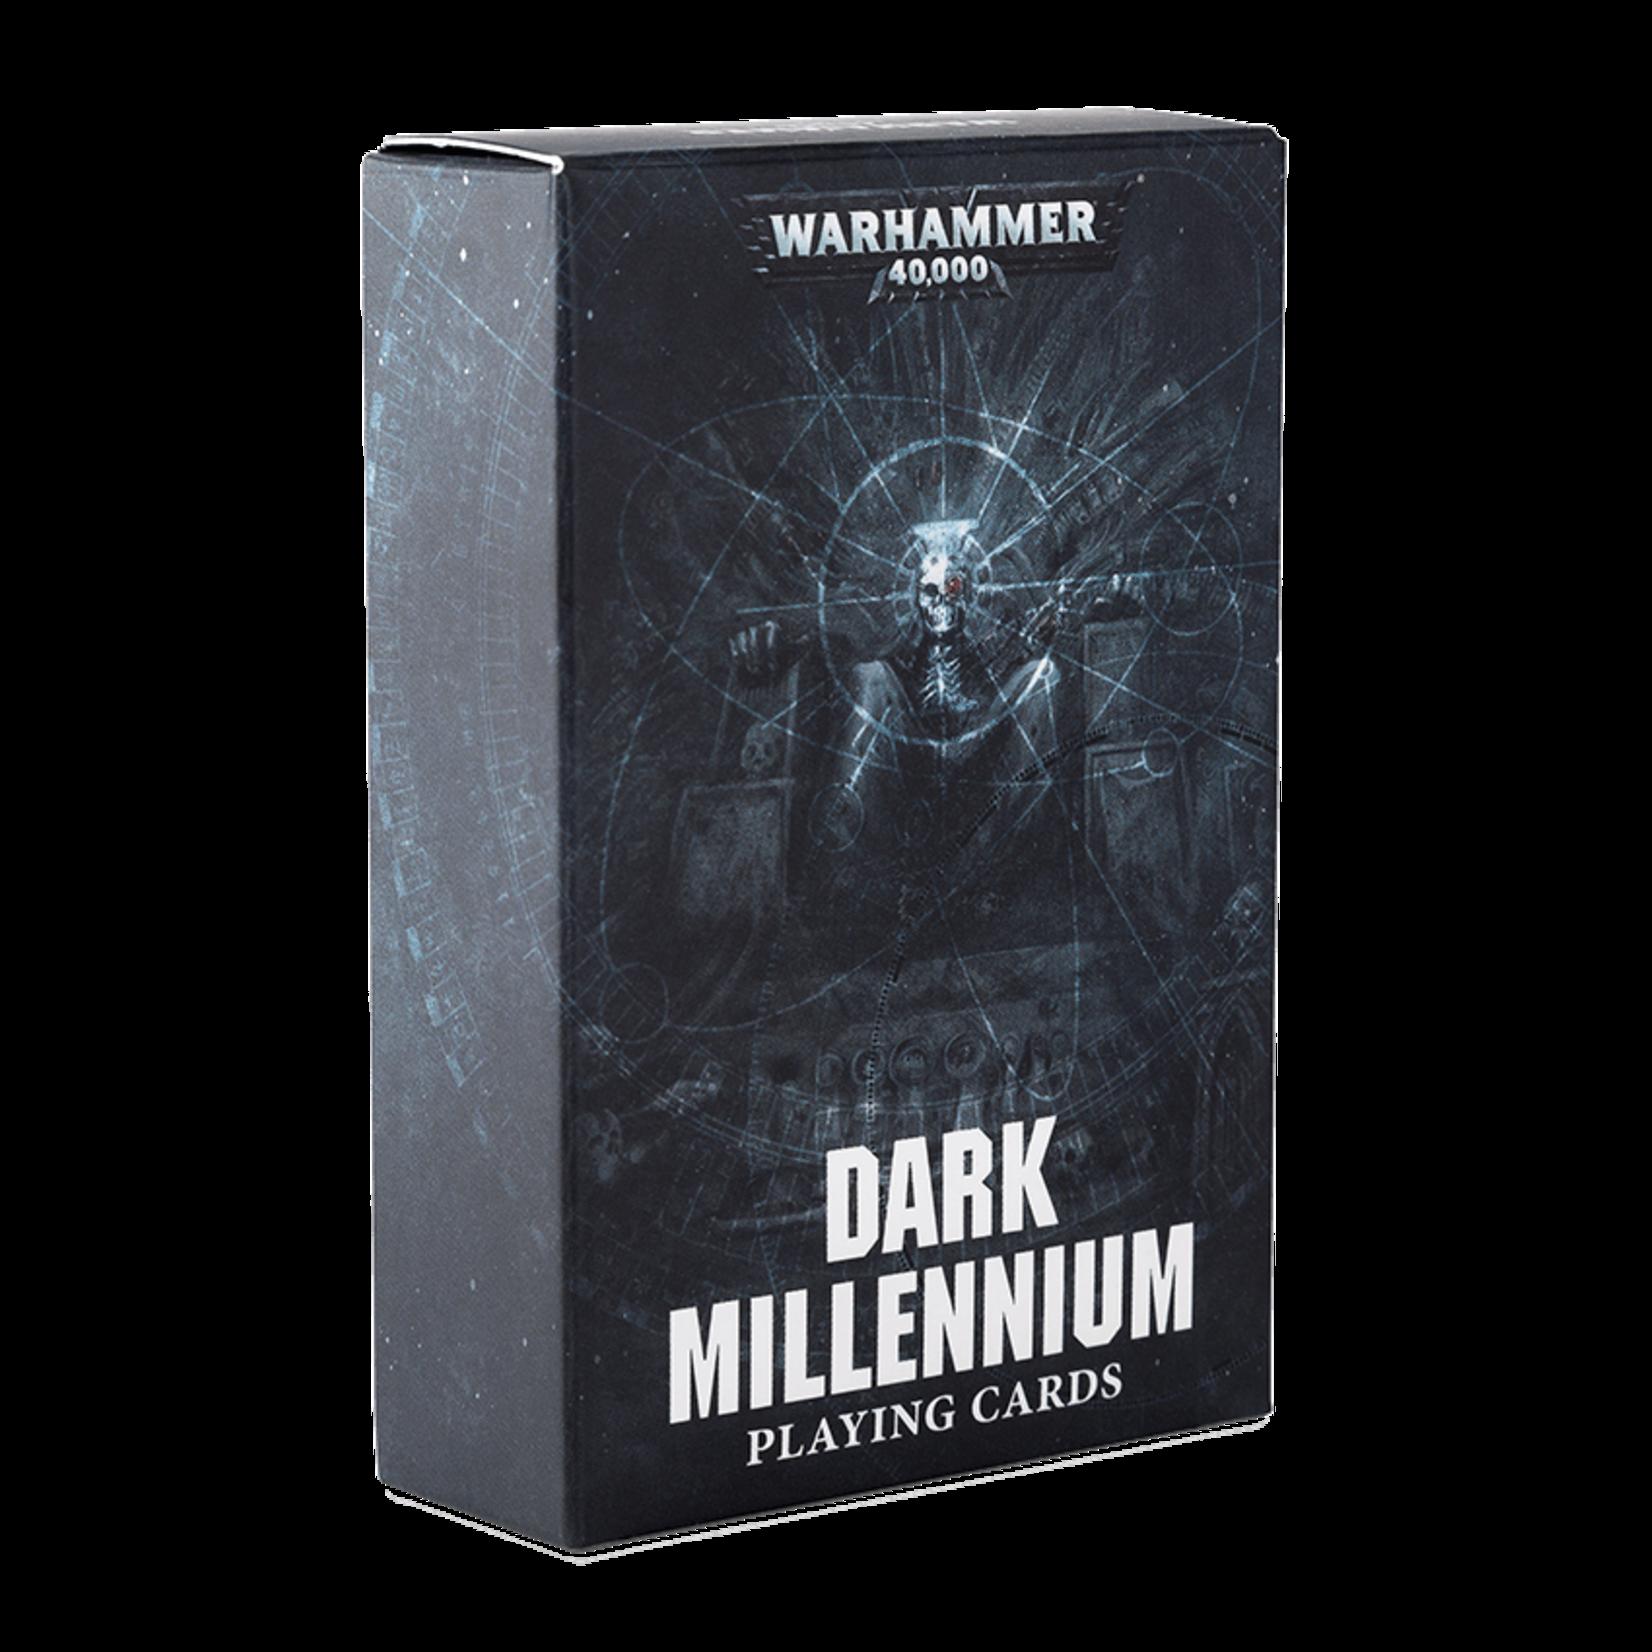 Dark Millennium Playing Cards (40K)